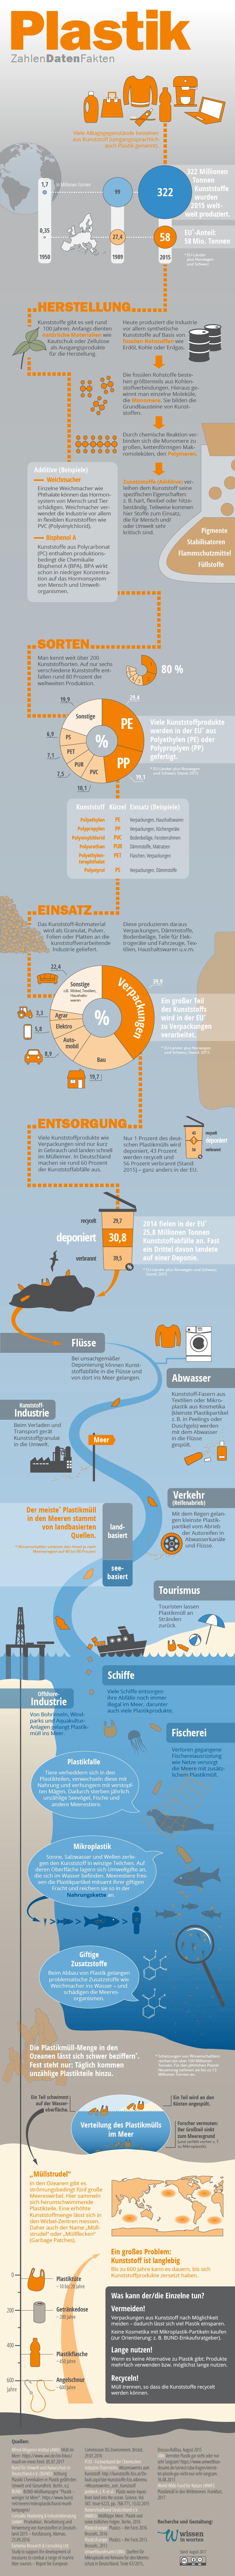 Infografik Plastik – Zahlen Daten Fakten